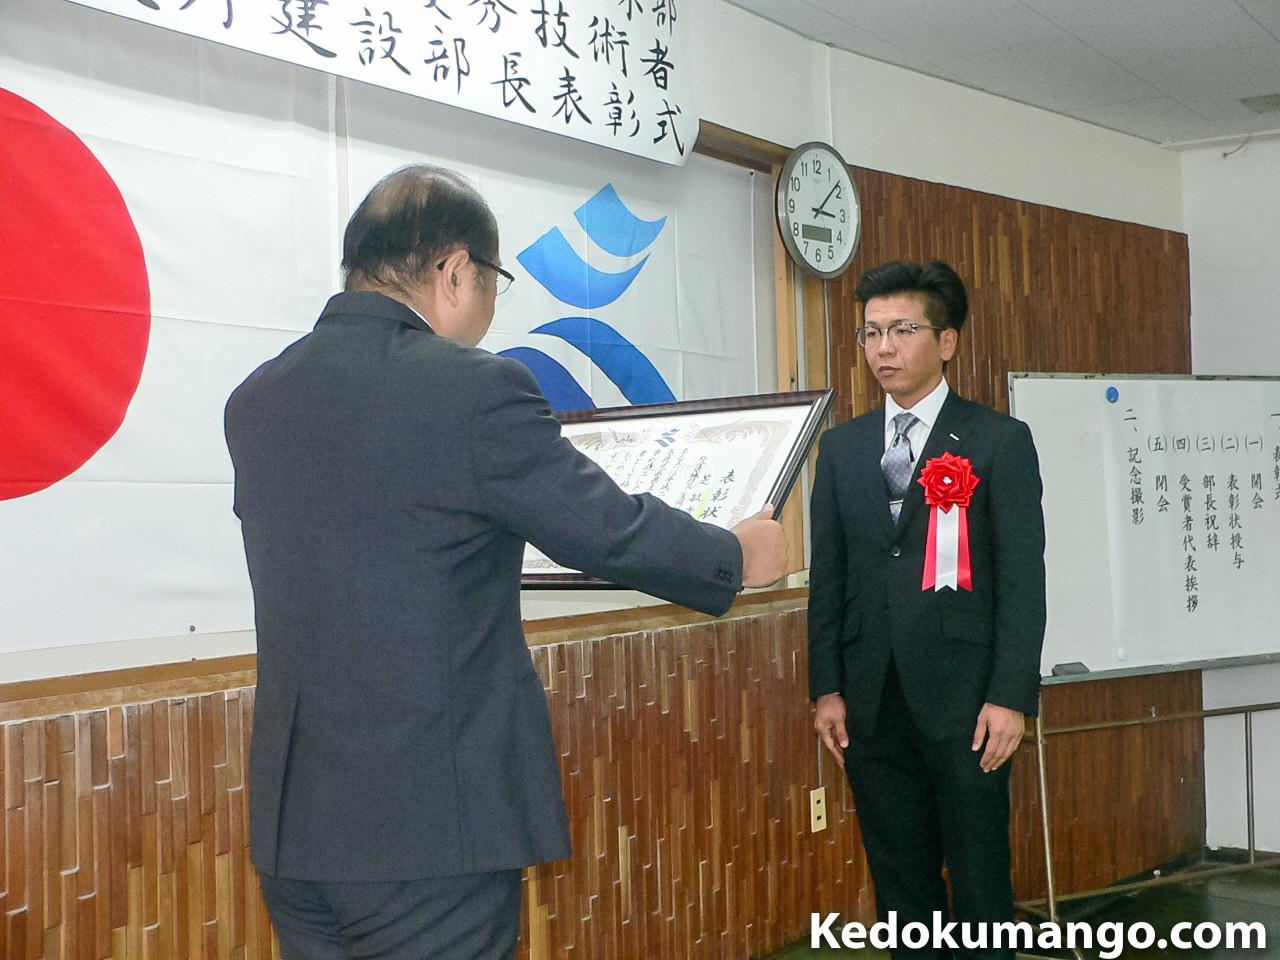 鹿児島県より「優秀技術者」として表彰状を受け取る「芝敏貴(しばとしたか)」